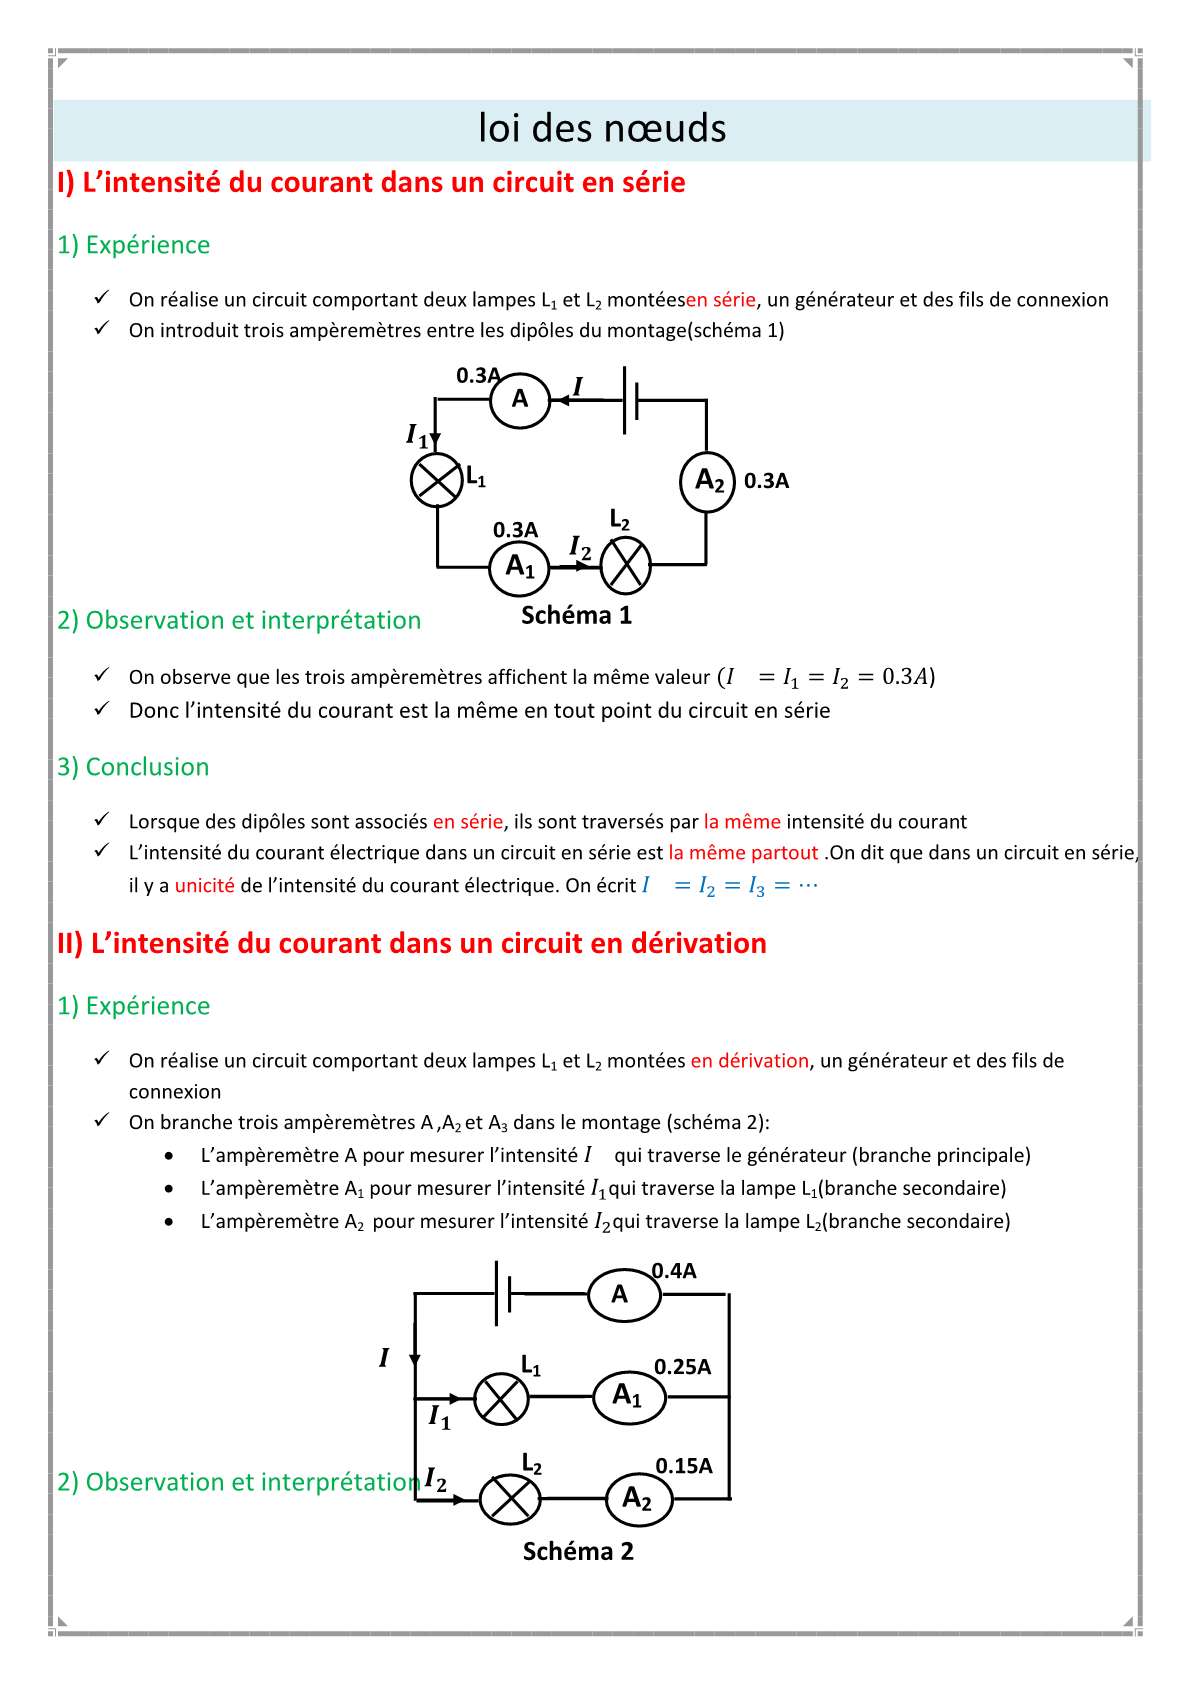 درس La loi des noeuds للسنة الأولى اعدادي